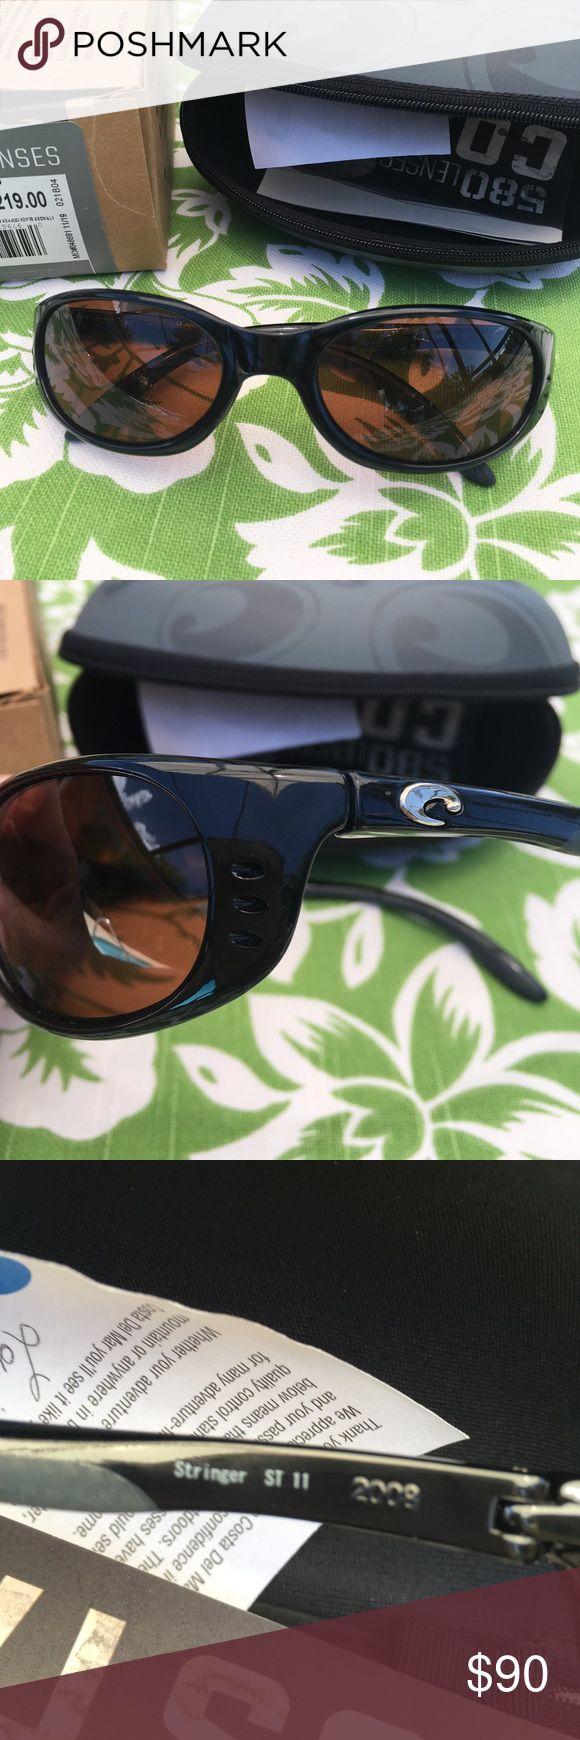 Costa Del Mar Stringer black copper 580 glass pola Costa Del Mar Stringer black copper 580 glass polarized NIB Costa Del Mar Accessories Sunglasses